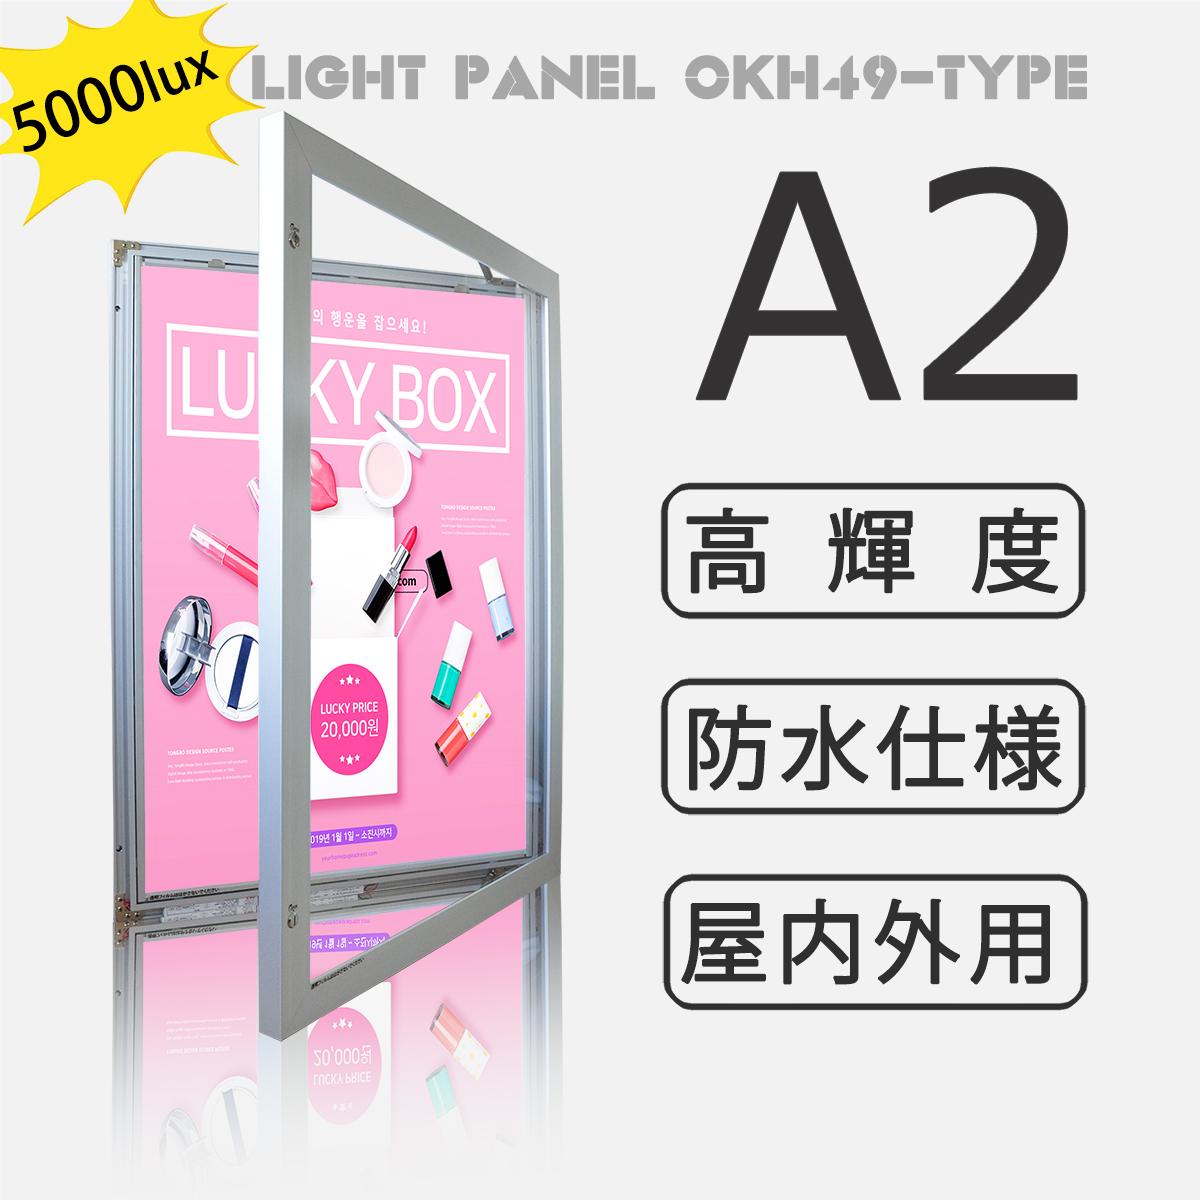 大型高輝度LEDライトパネル_A2(49タイプ)